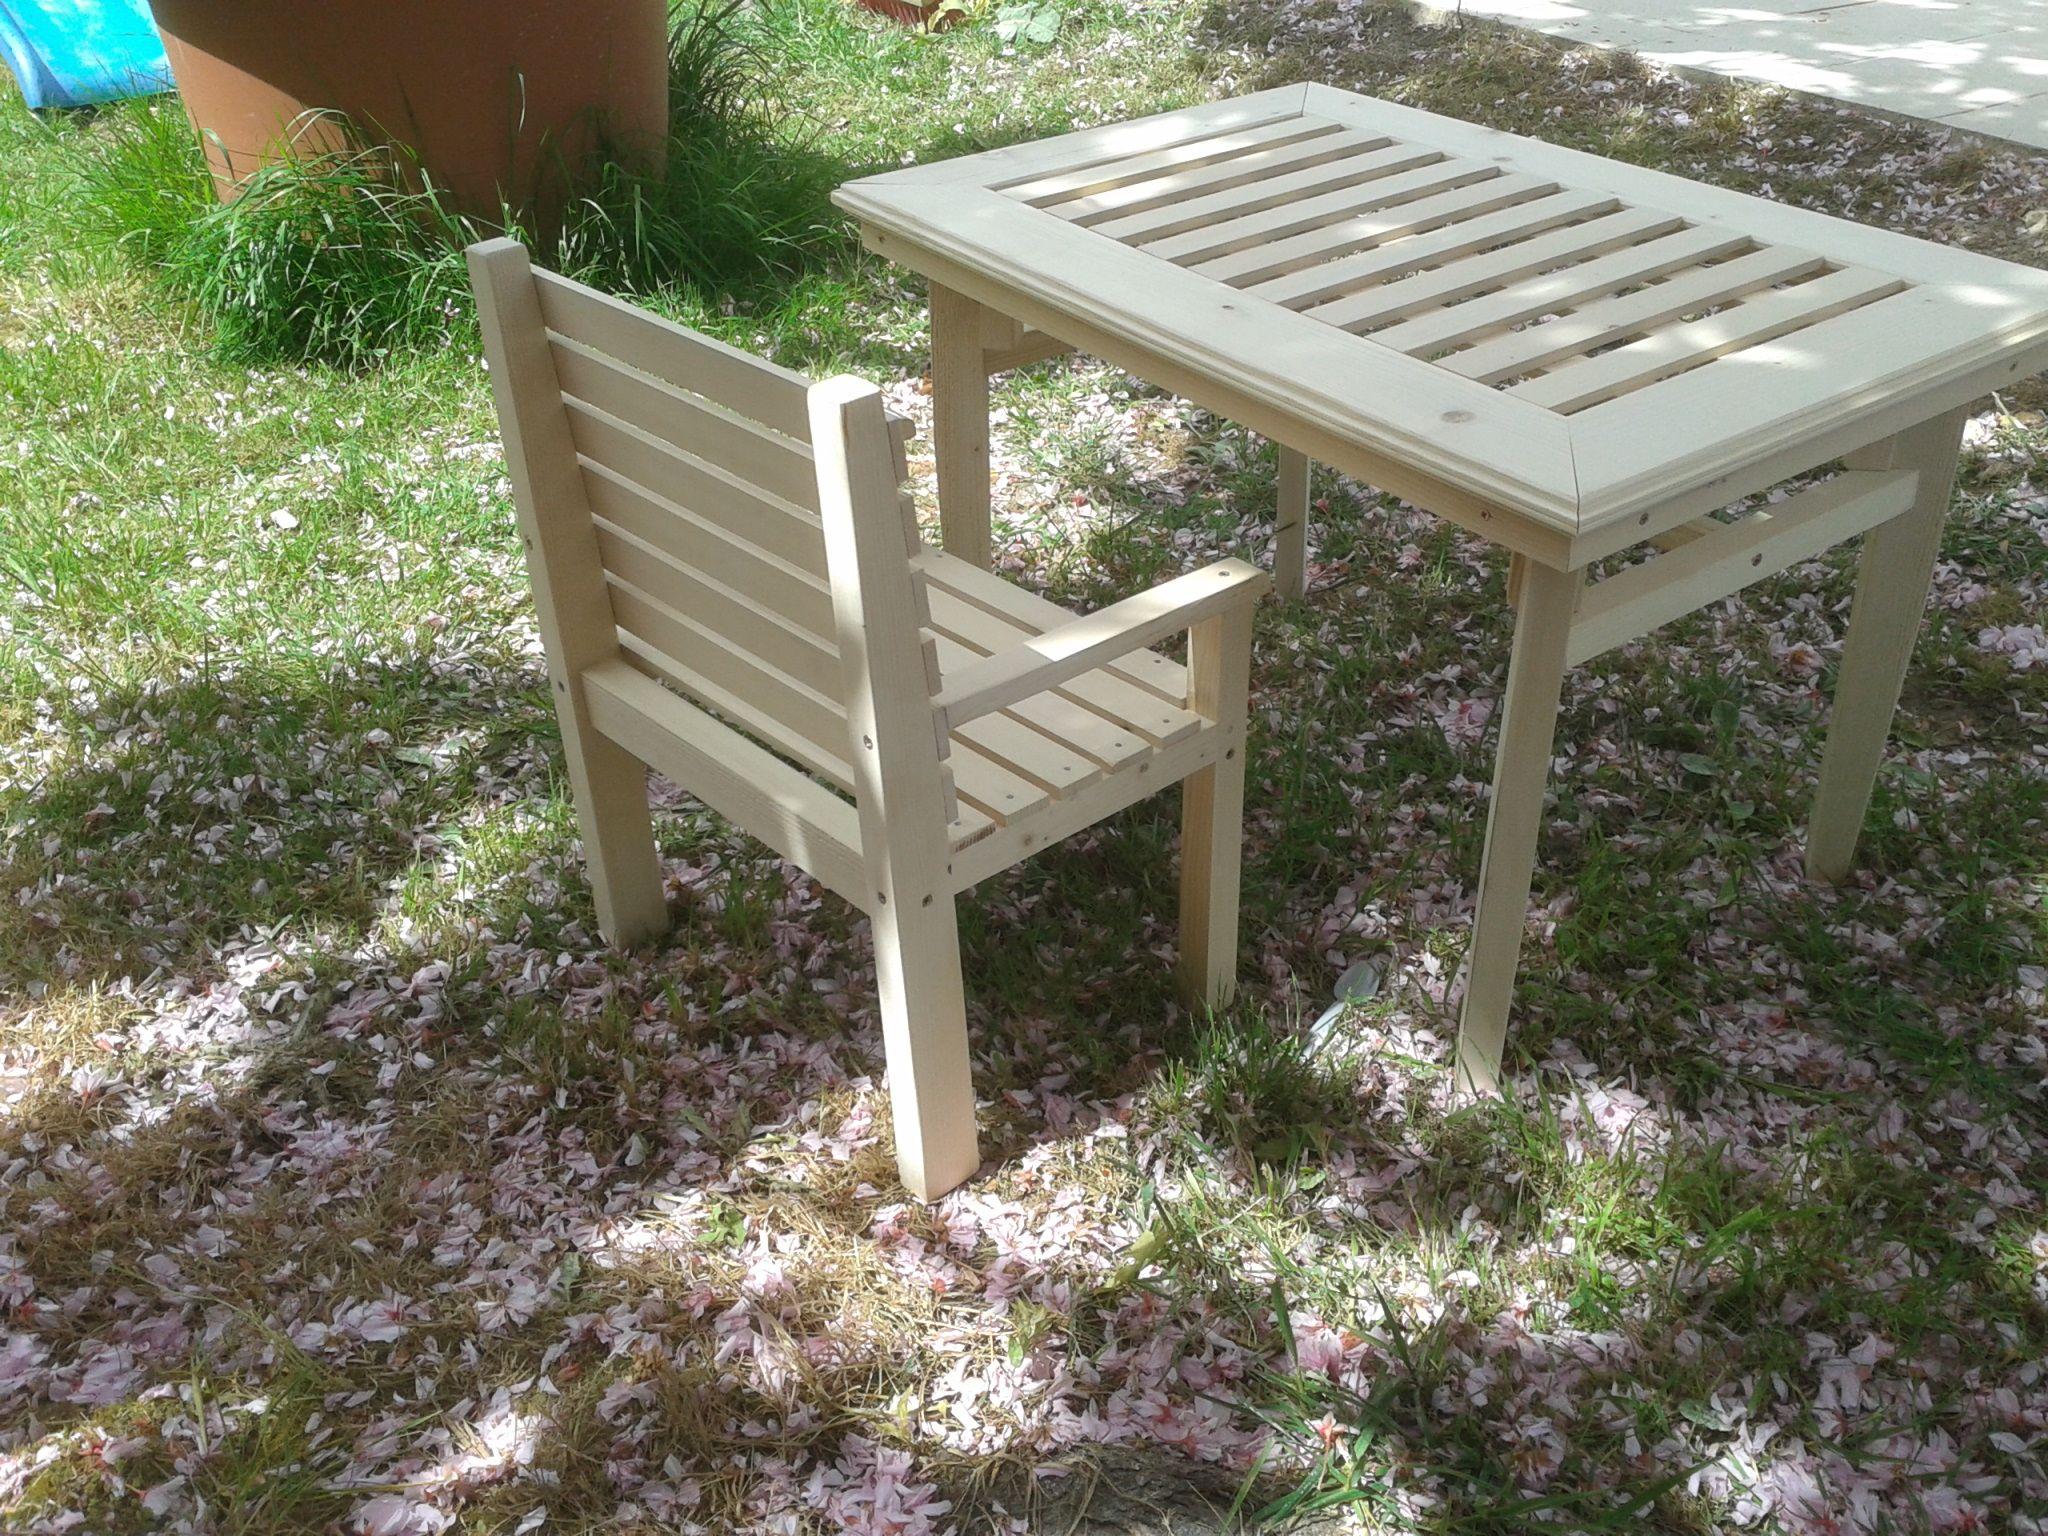 Petit Meuble Exterieur Frais Table De Jardin Chaise Instructions De Montage Of 30 Charmant Petit Meuble Exterieur